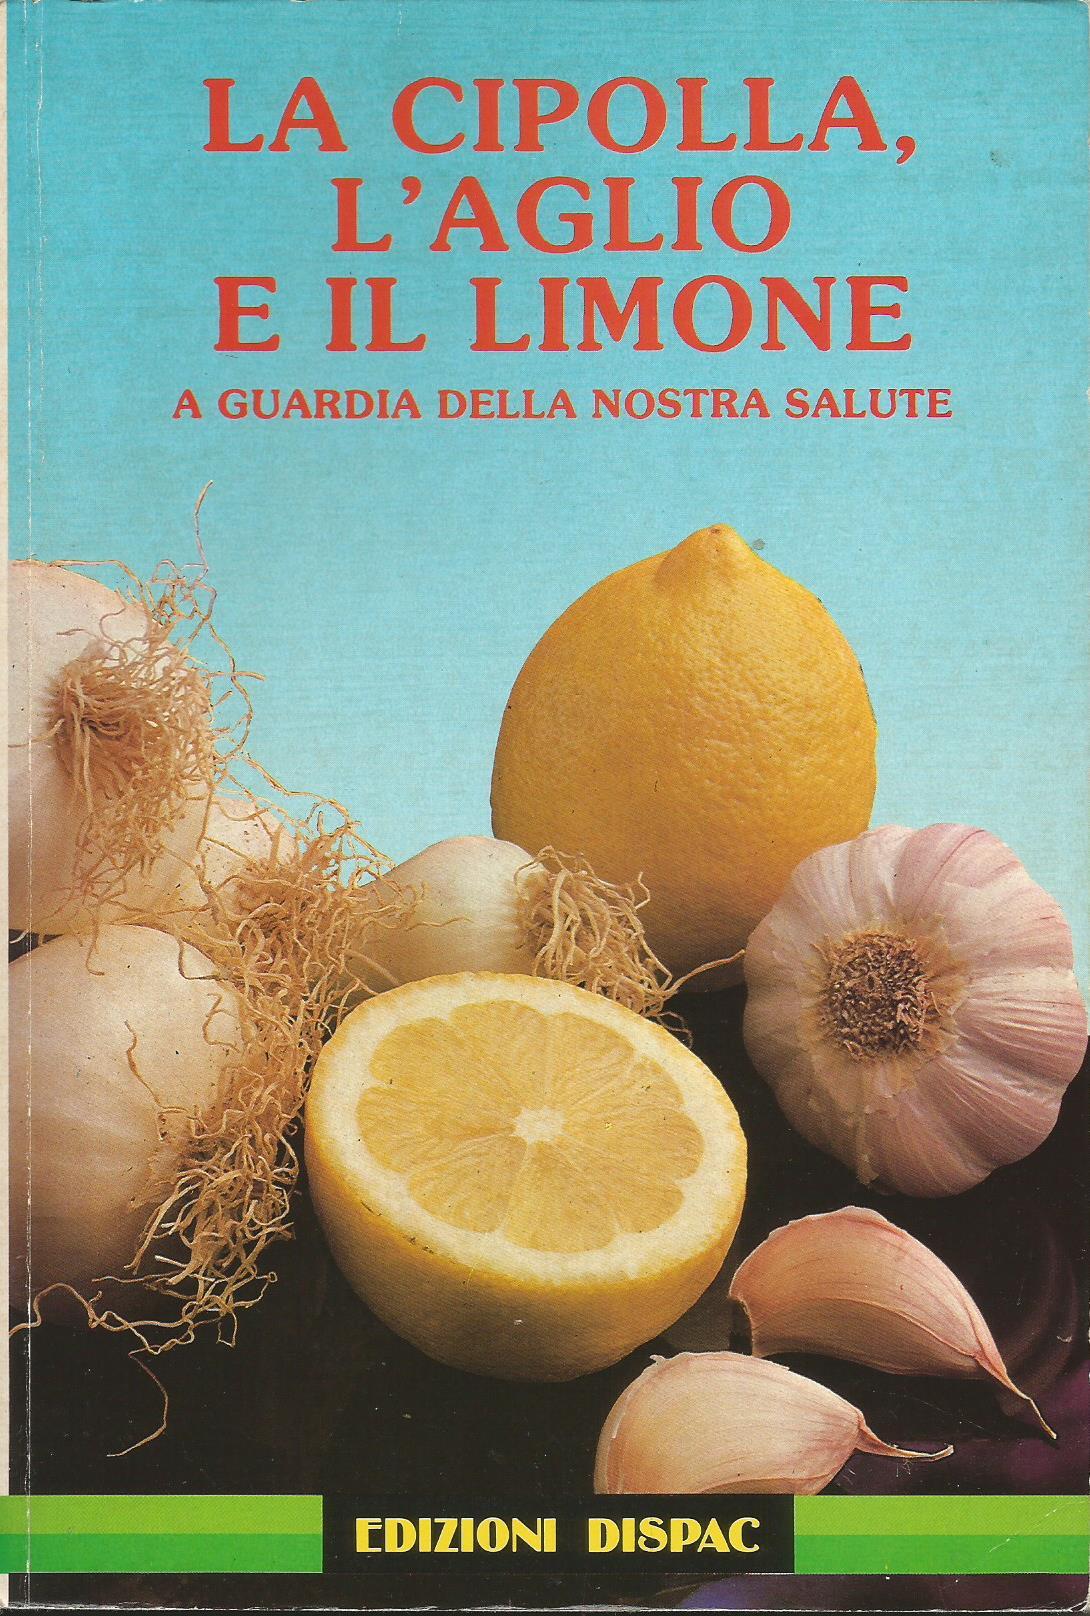 La cipolla, l'aglio e il limone a guardia della nostra salute